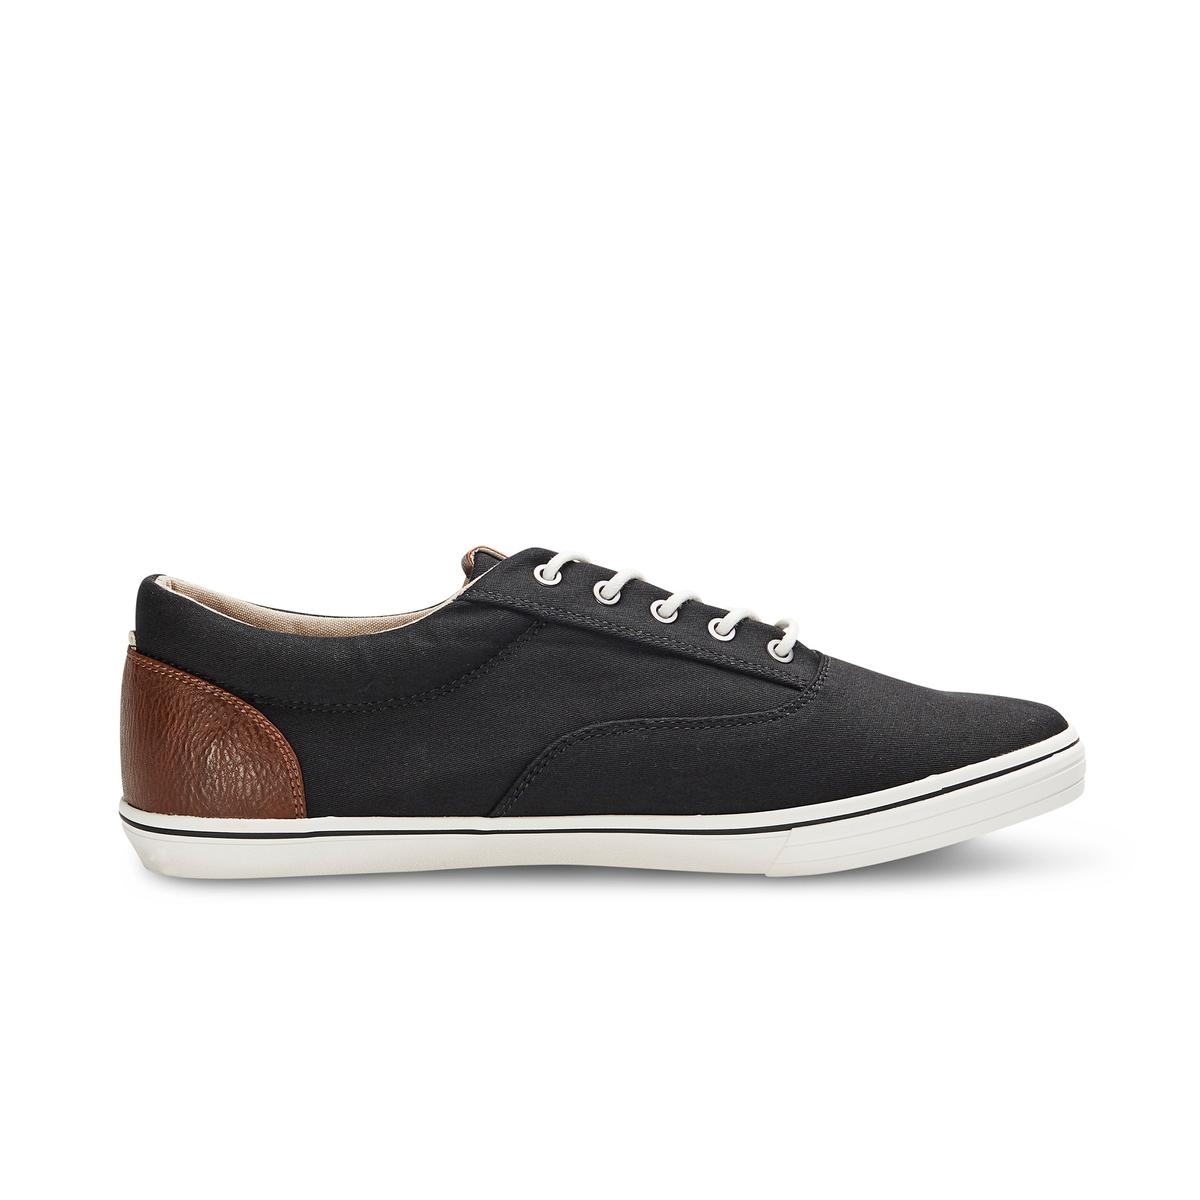 Кеды Jfw VisionДетали  •  Спортивный стиль •  Плоский каблук •  Застежка : шнуровкаСостав и уход  •  Верх 100% ткань •  Подкладка 100% ткань •  Стелька 100% ткань •  Подошва 100% каучук<br><br>Цвет: серый,черный<br>Размер: 45.42.42